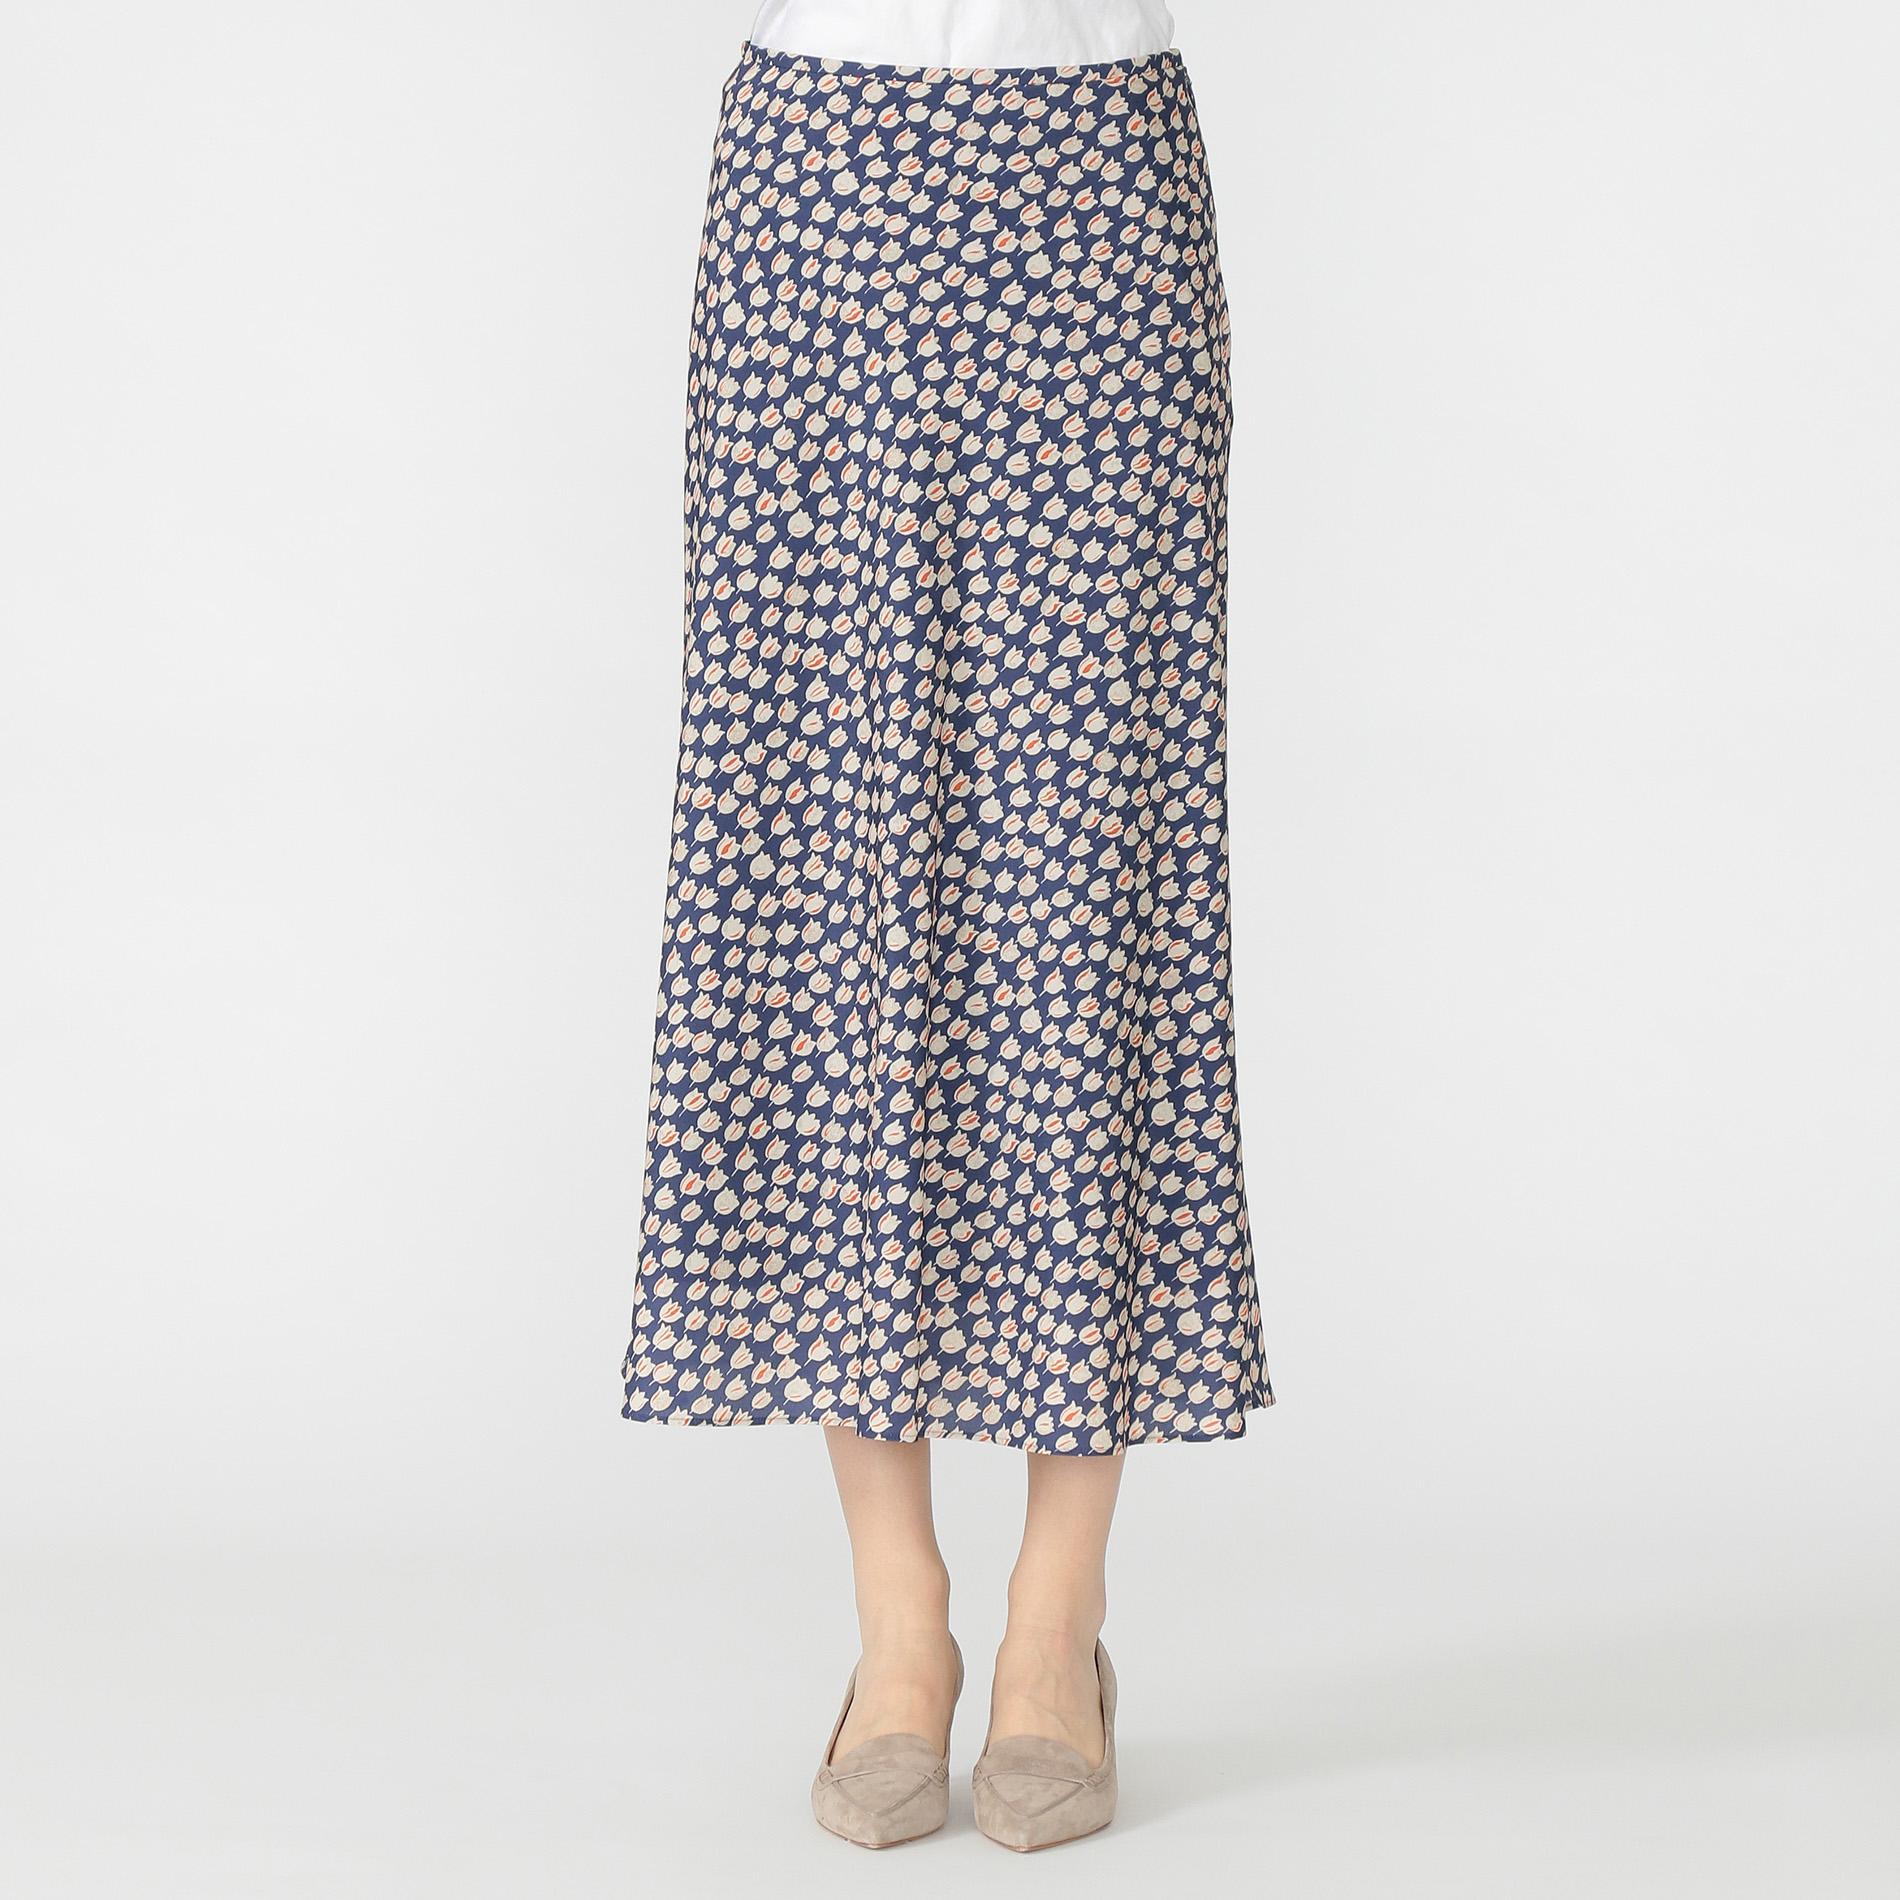 ヴィンテージチューリップスカート